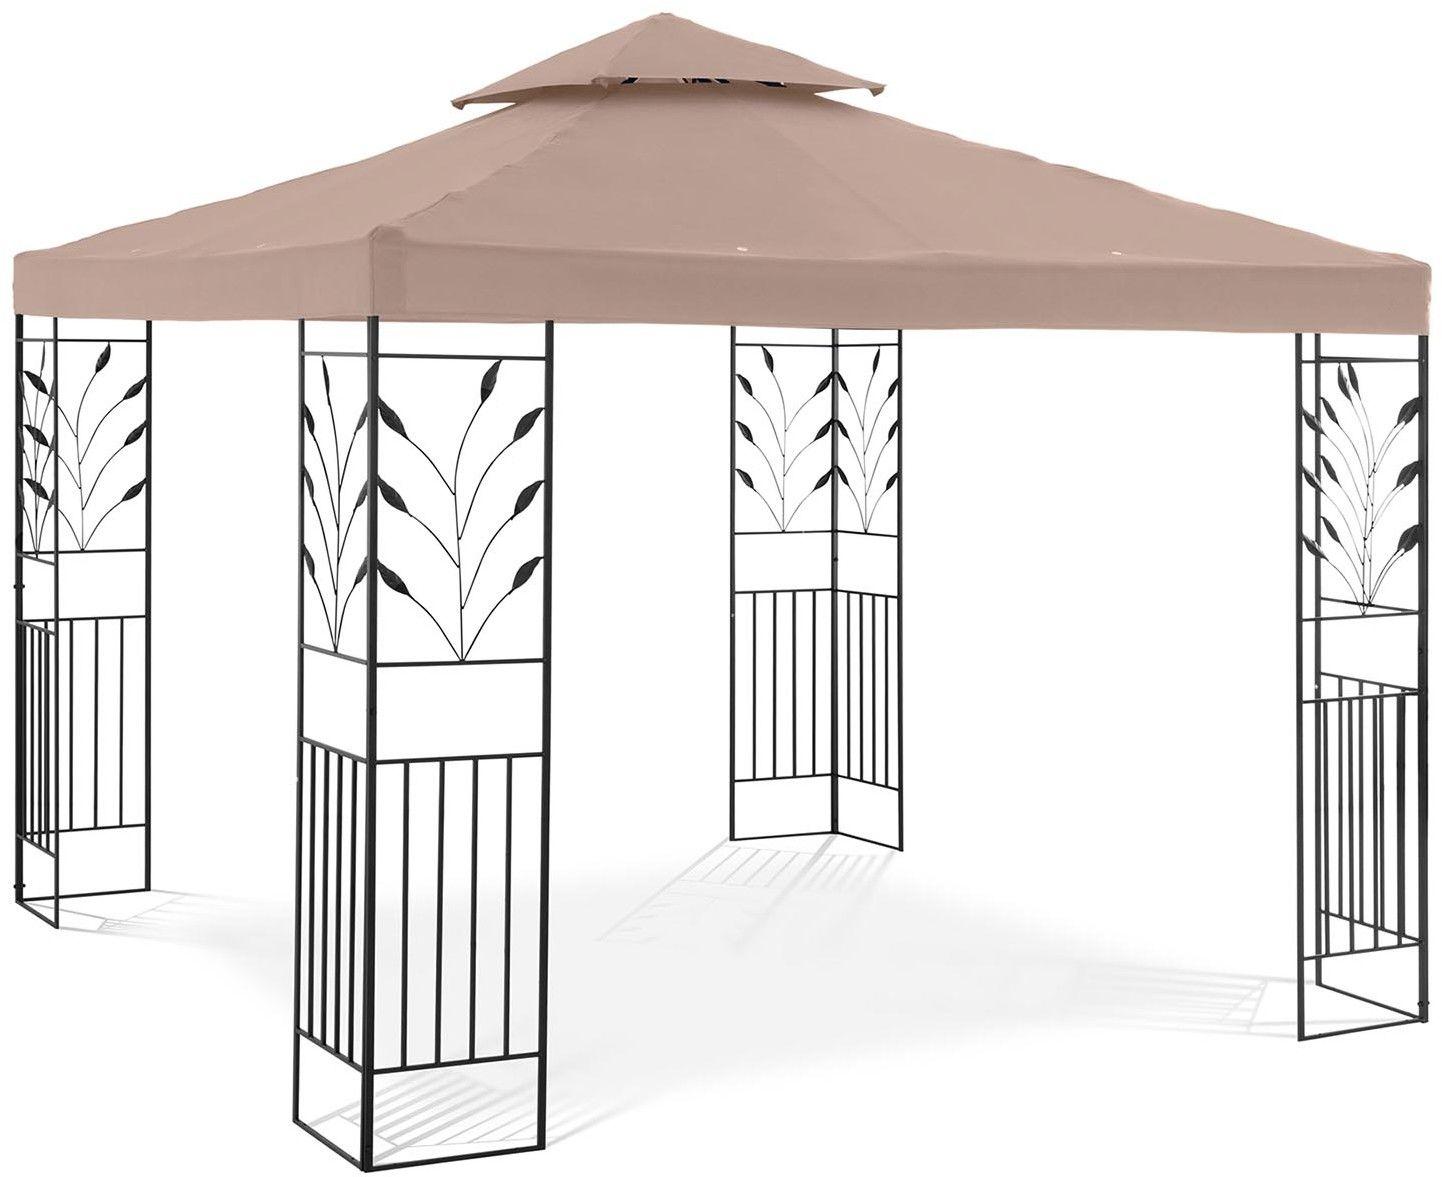 Pawilon ogrodowy - ornament - beżowy - Uniprodo - UNI_PERGOLA_3X3T_U - 3 lata gwarancji/wysyłka w 24h